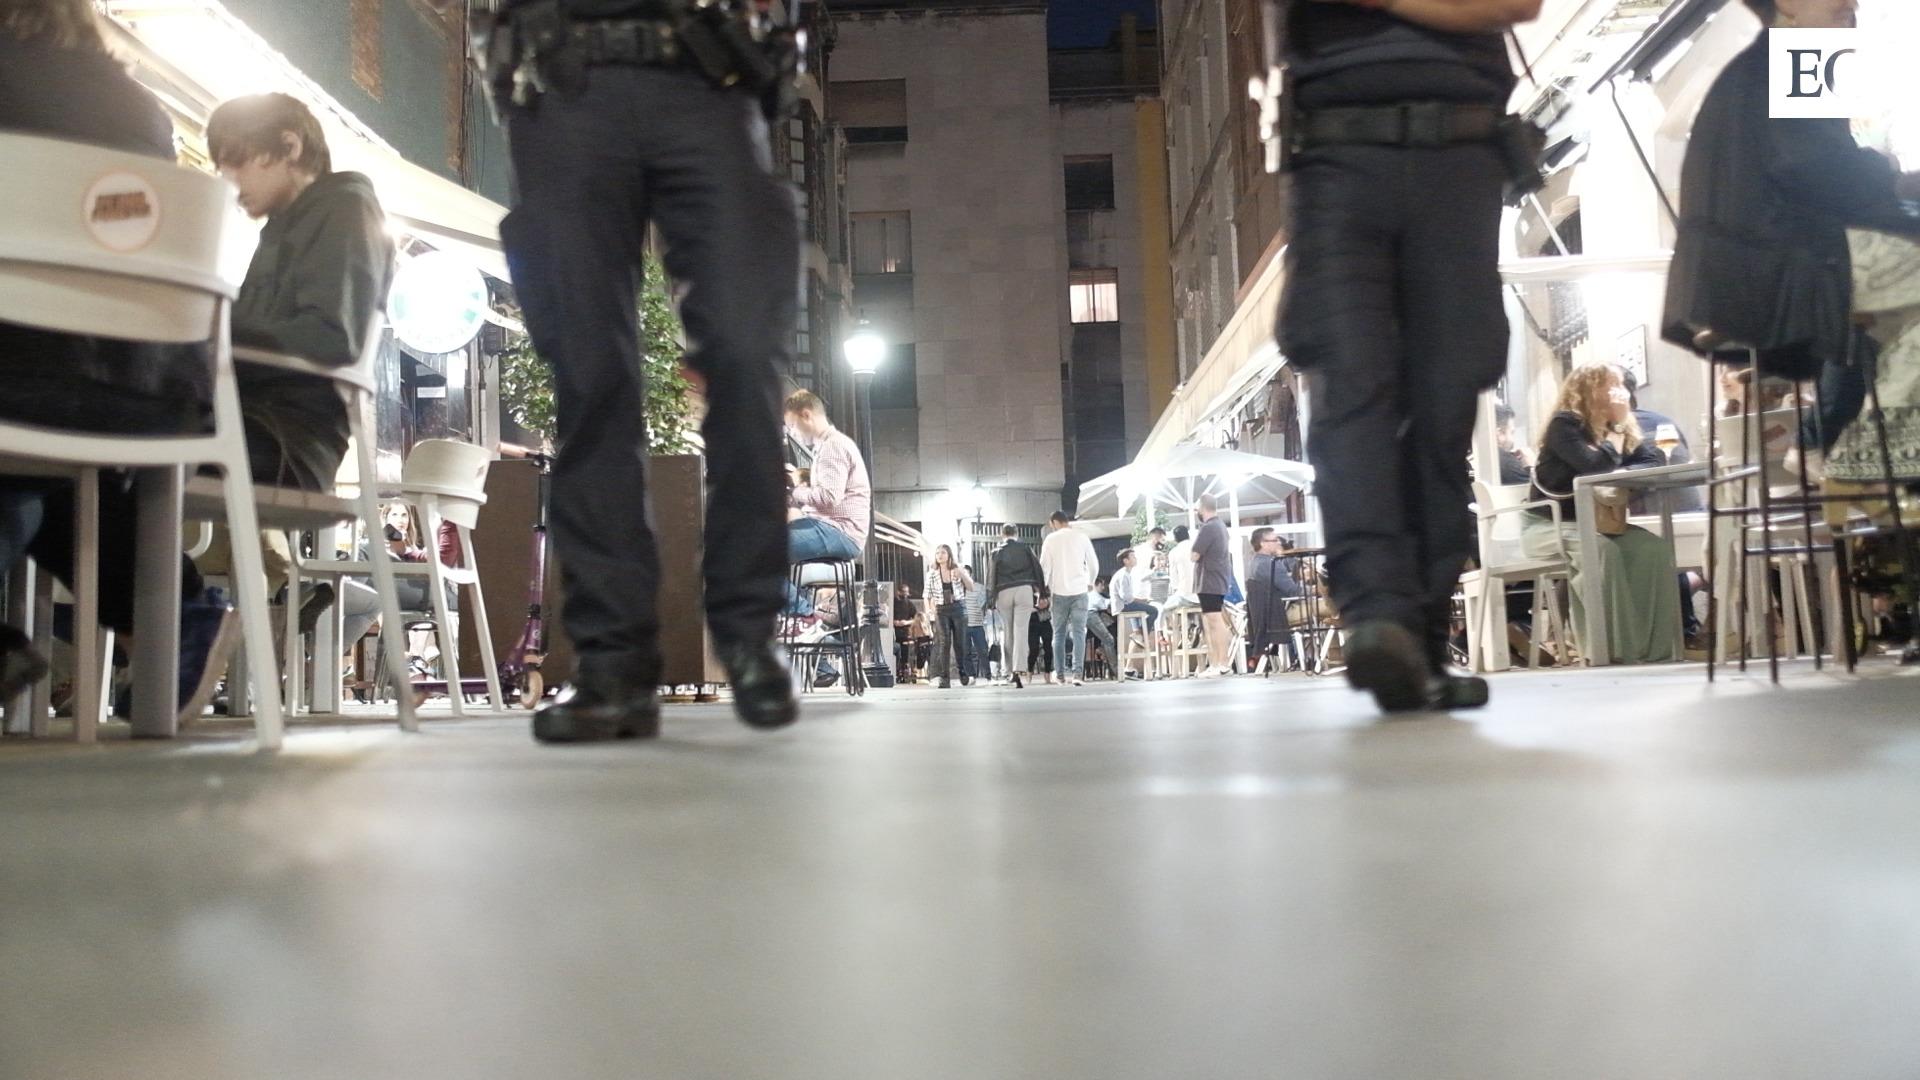 Patrulla nocturna de la Policía Local de Gijón durante el fin de semana